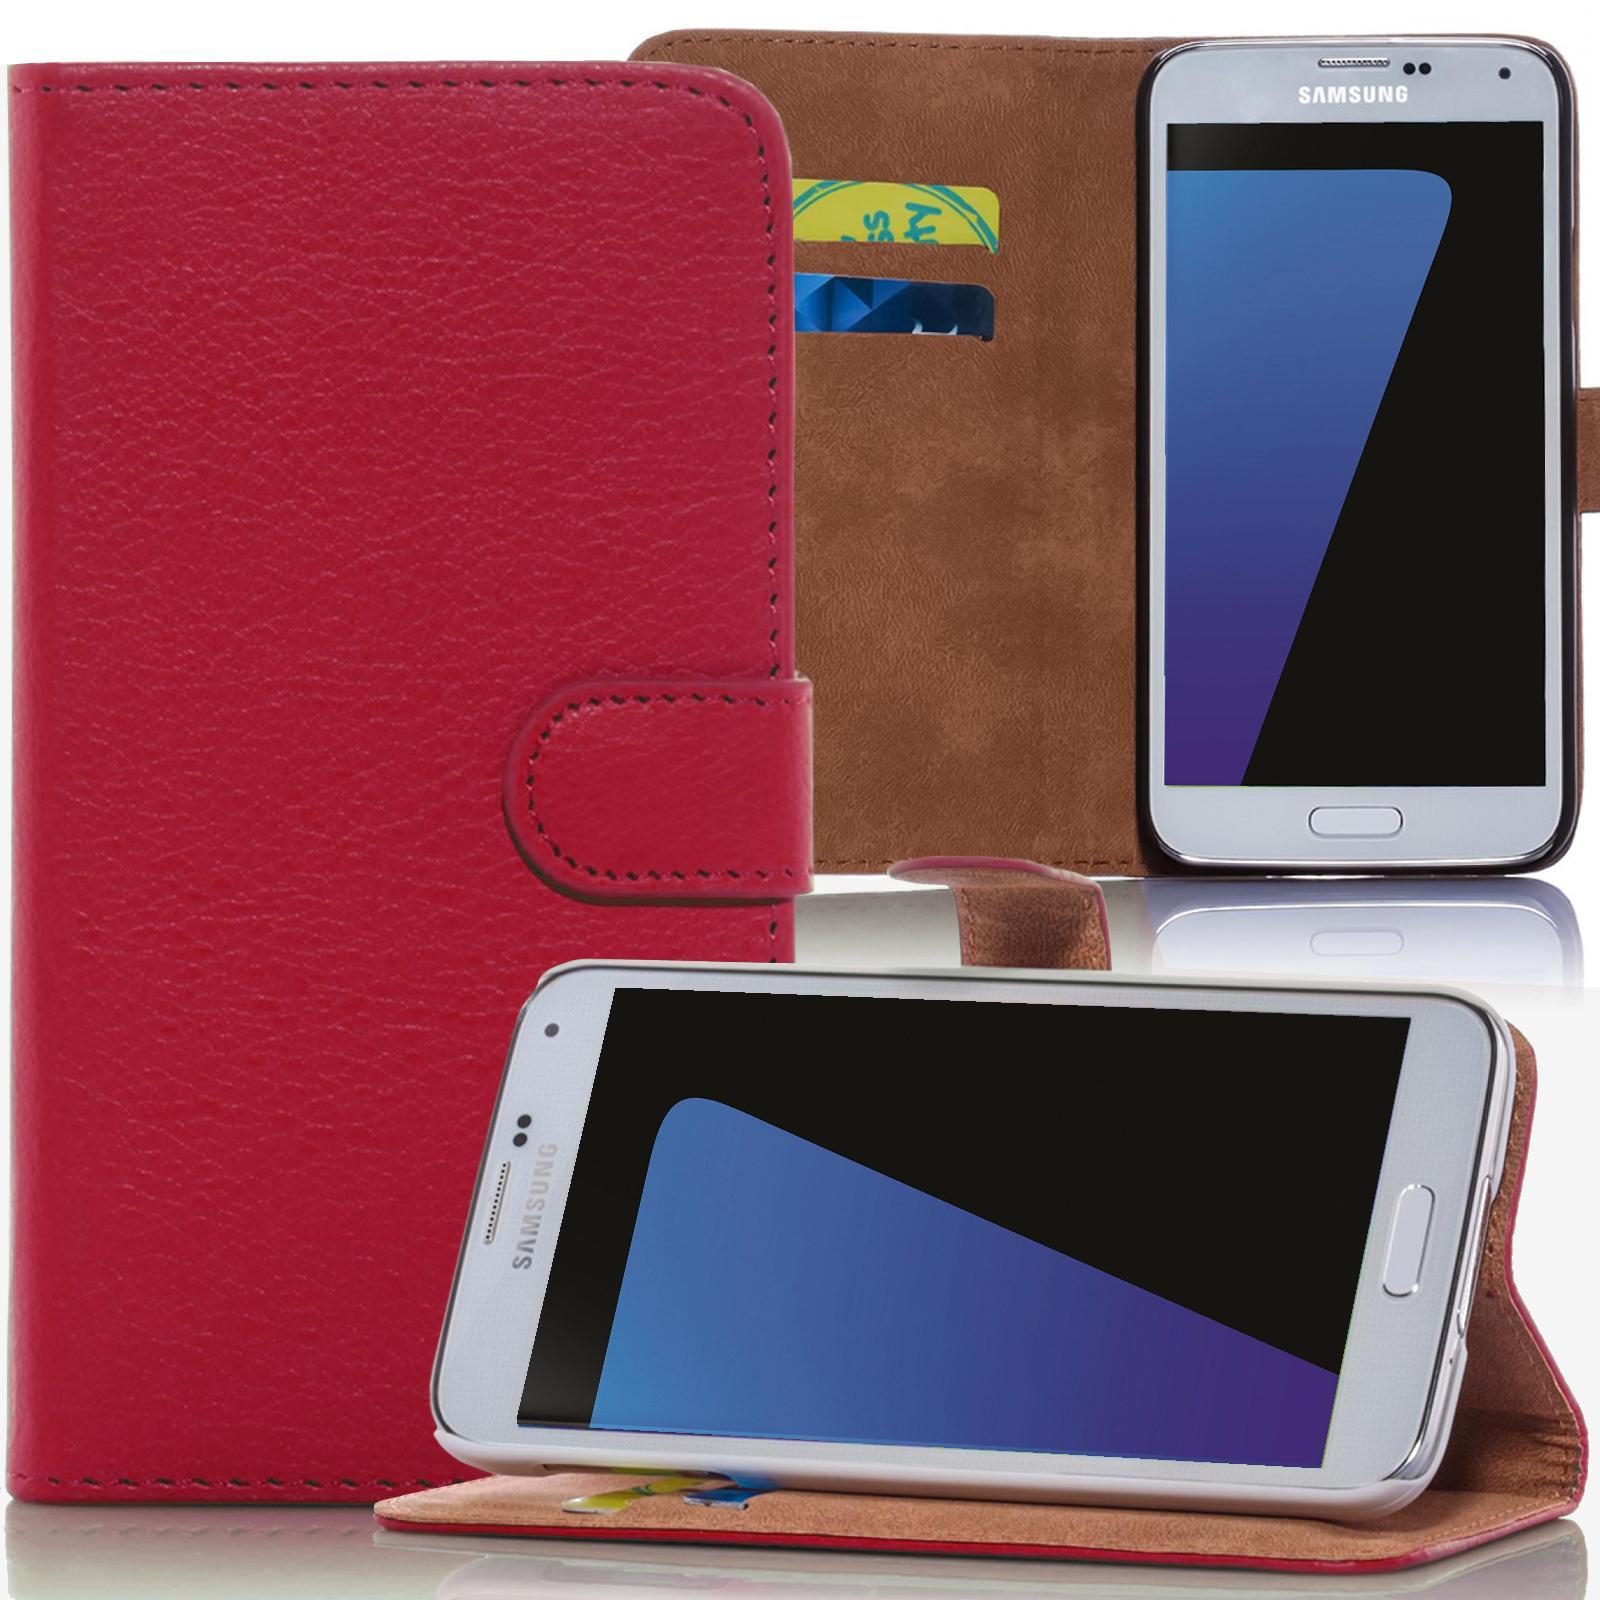 Handy-Tasche-Schutz-Huelle-Flip-Cover-Hard-Case-Design-Book-Style-Klapp-Etui-fuer